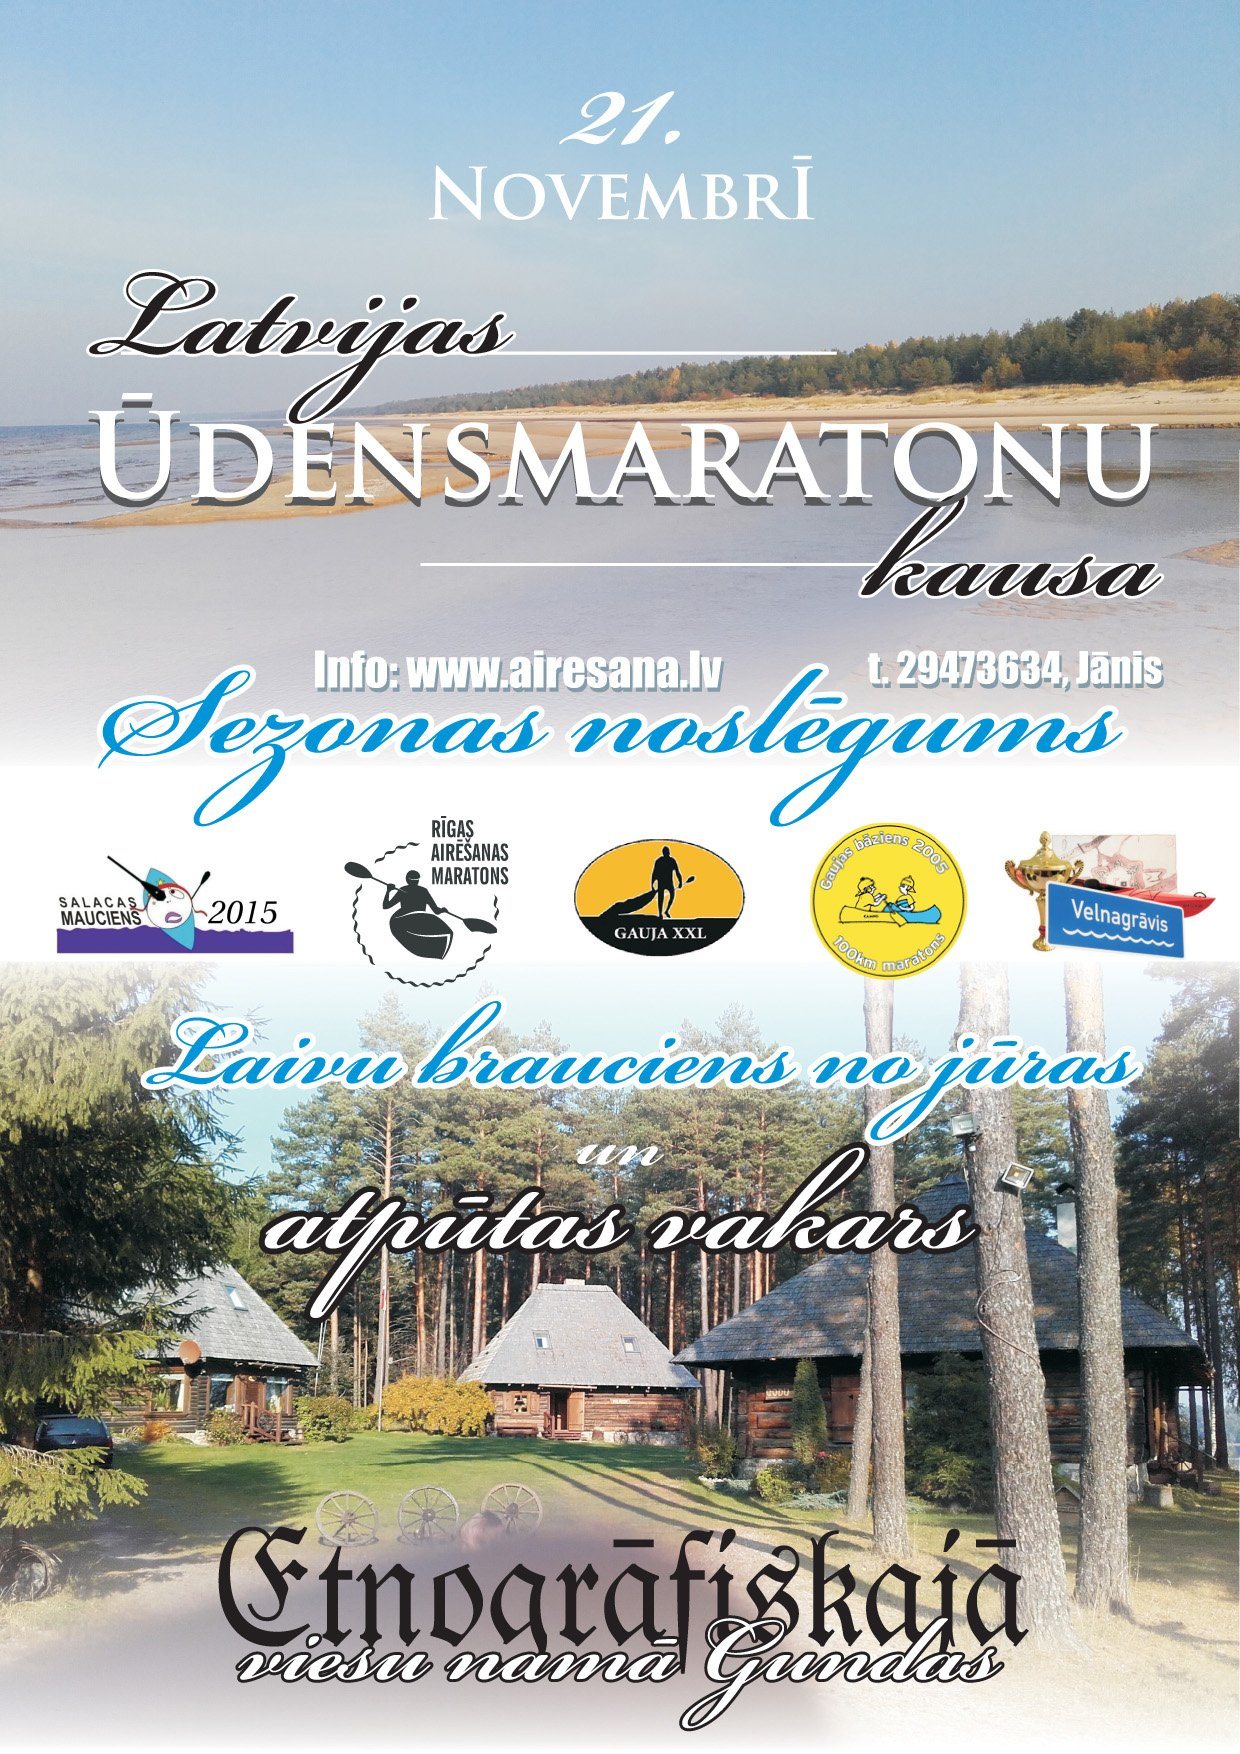 Laivu brauciens no jūras līdz Dūņezeram (Lilastē), airēšanas maratonu kausa noslēguma pasākuma ietvaros.